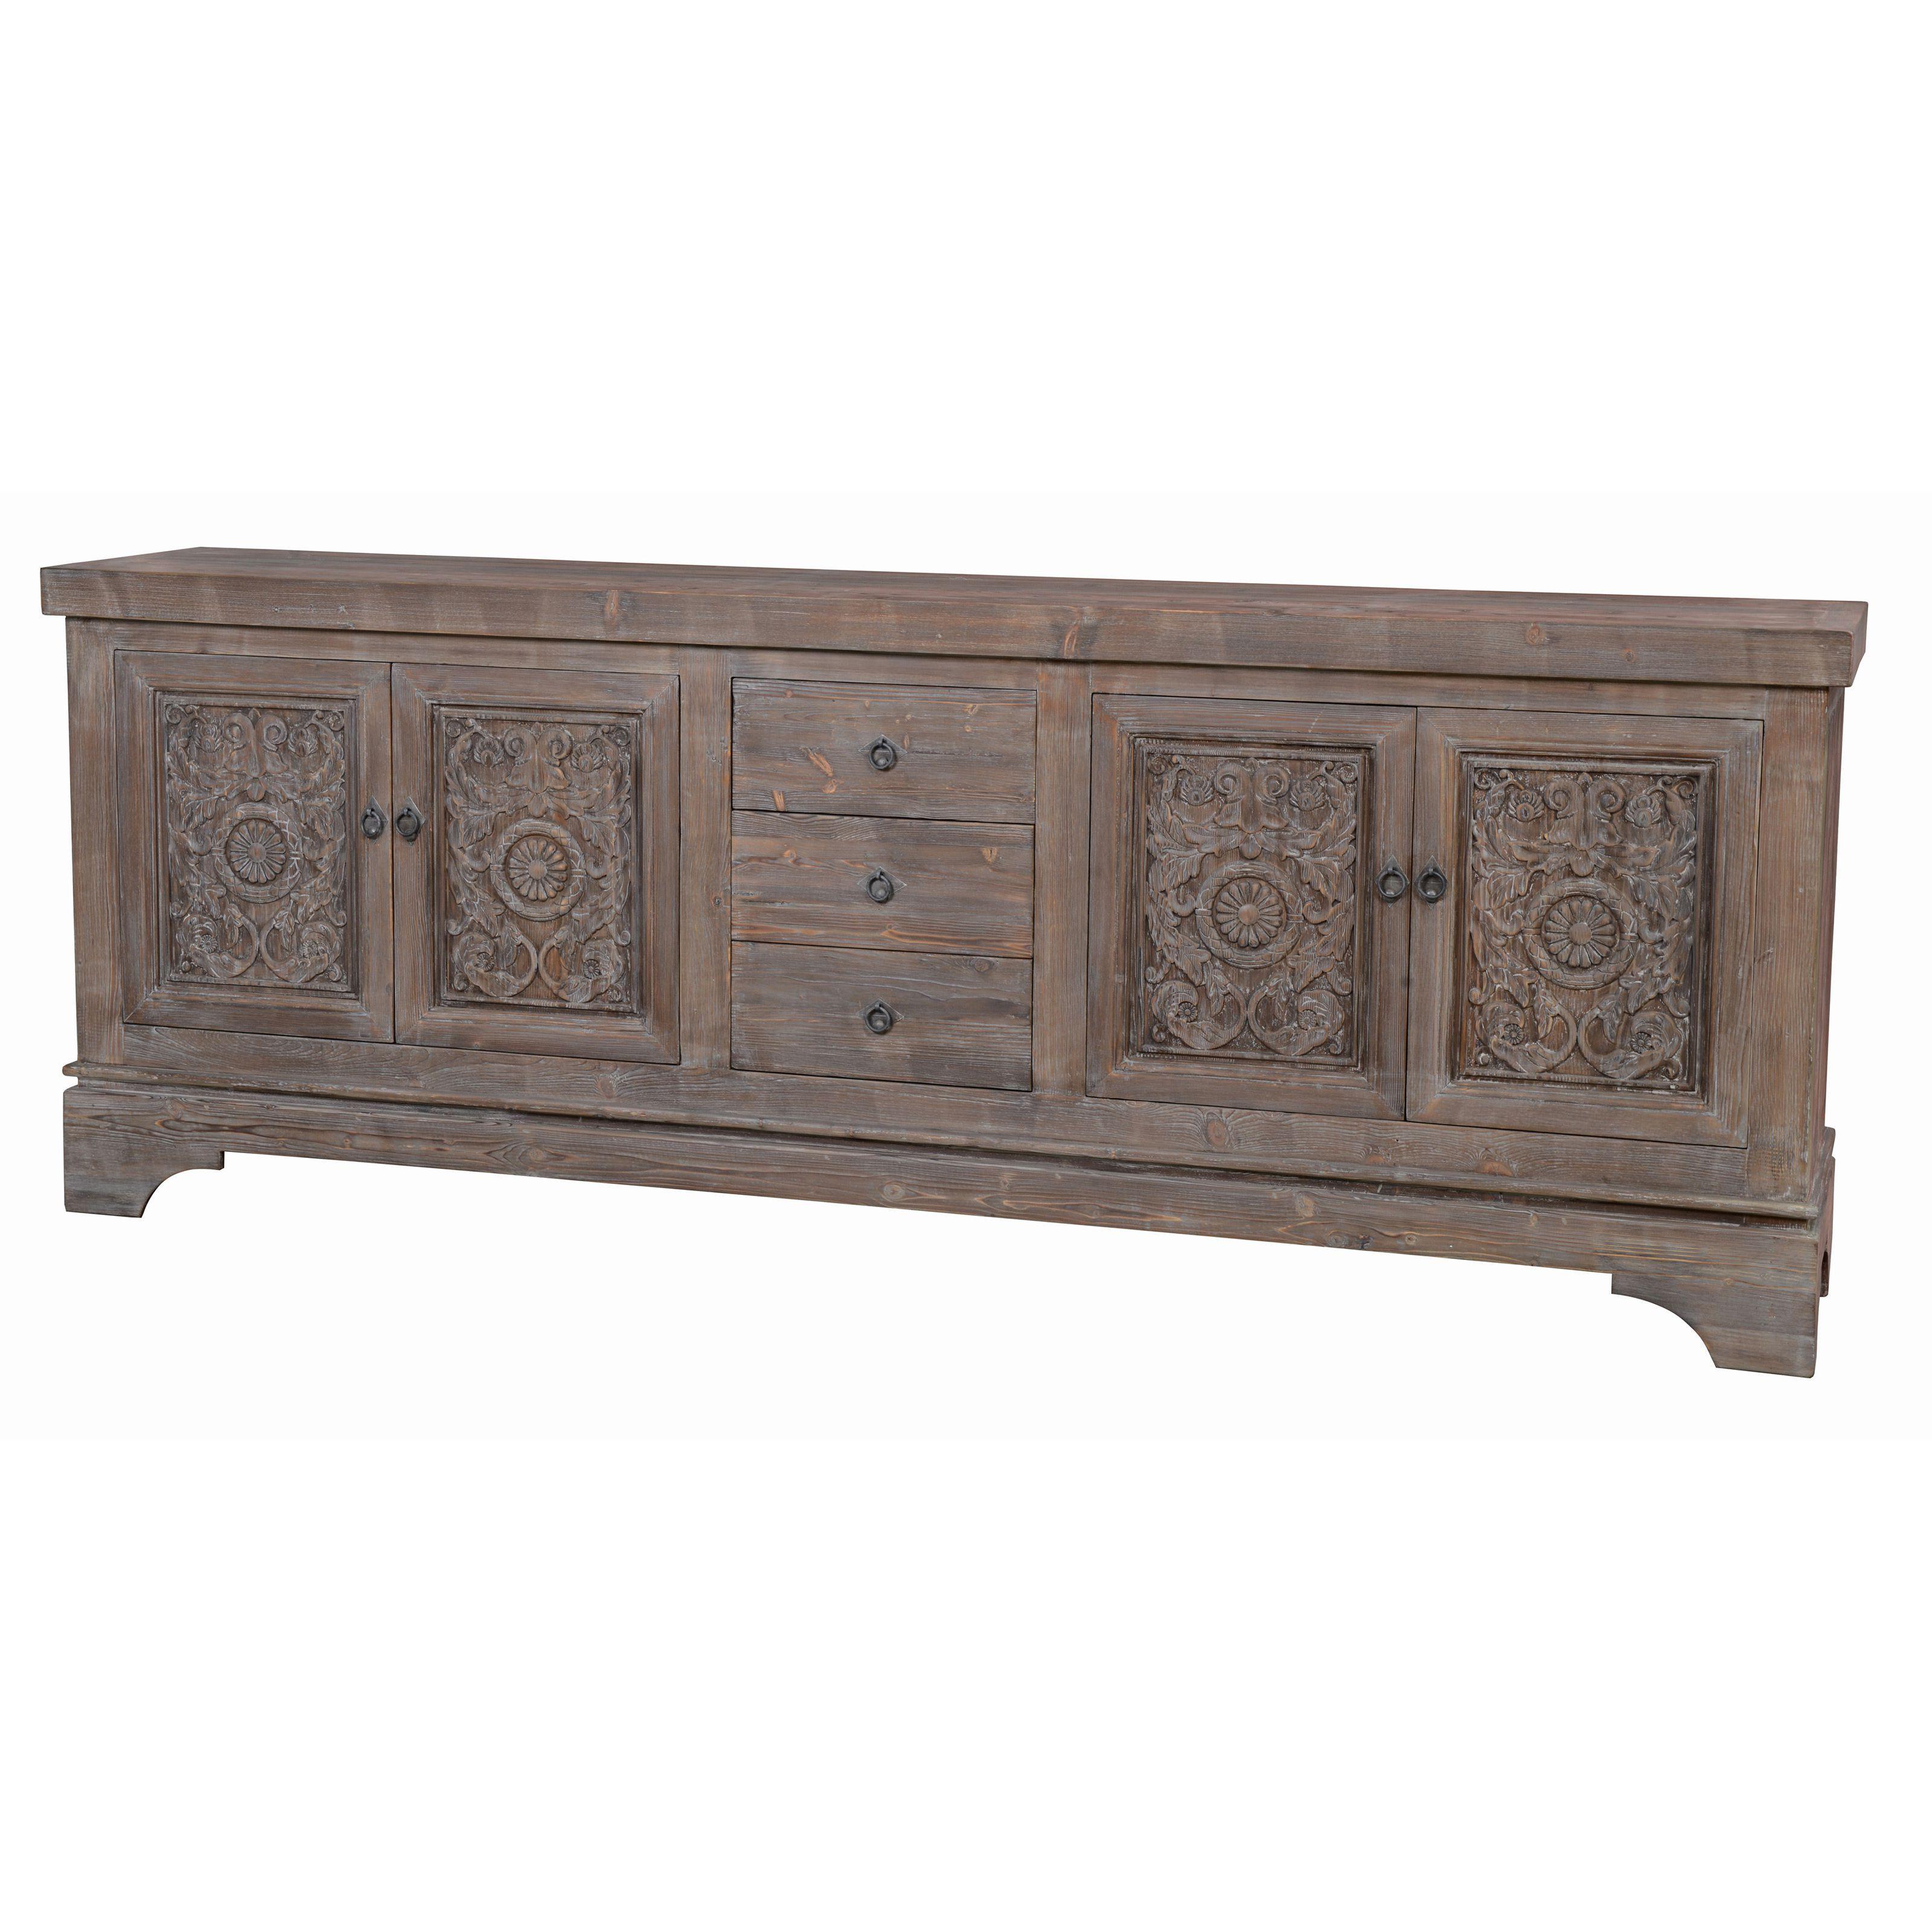 Most Current Kosas Home Allen 3 Drawer 4 Door Mocha Wood Finish Sideboard (kosas Within Reclaimed Pine 4 Door Sideboards (View 12 of 20)